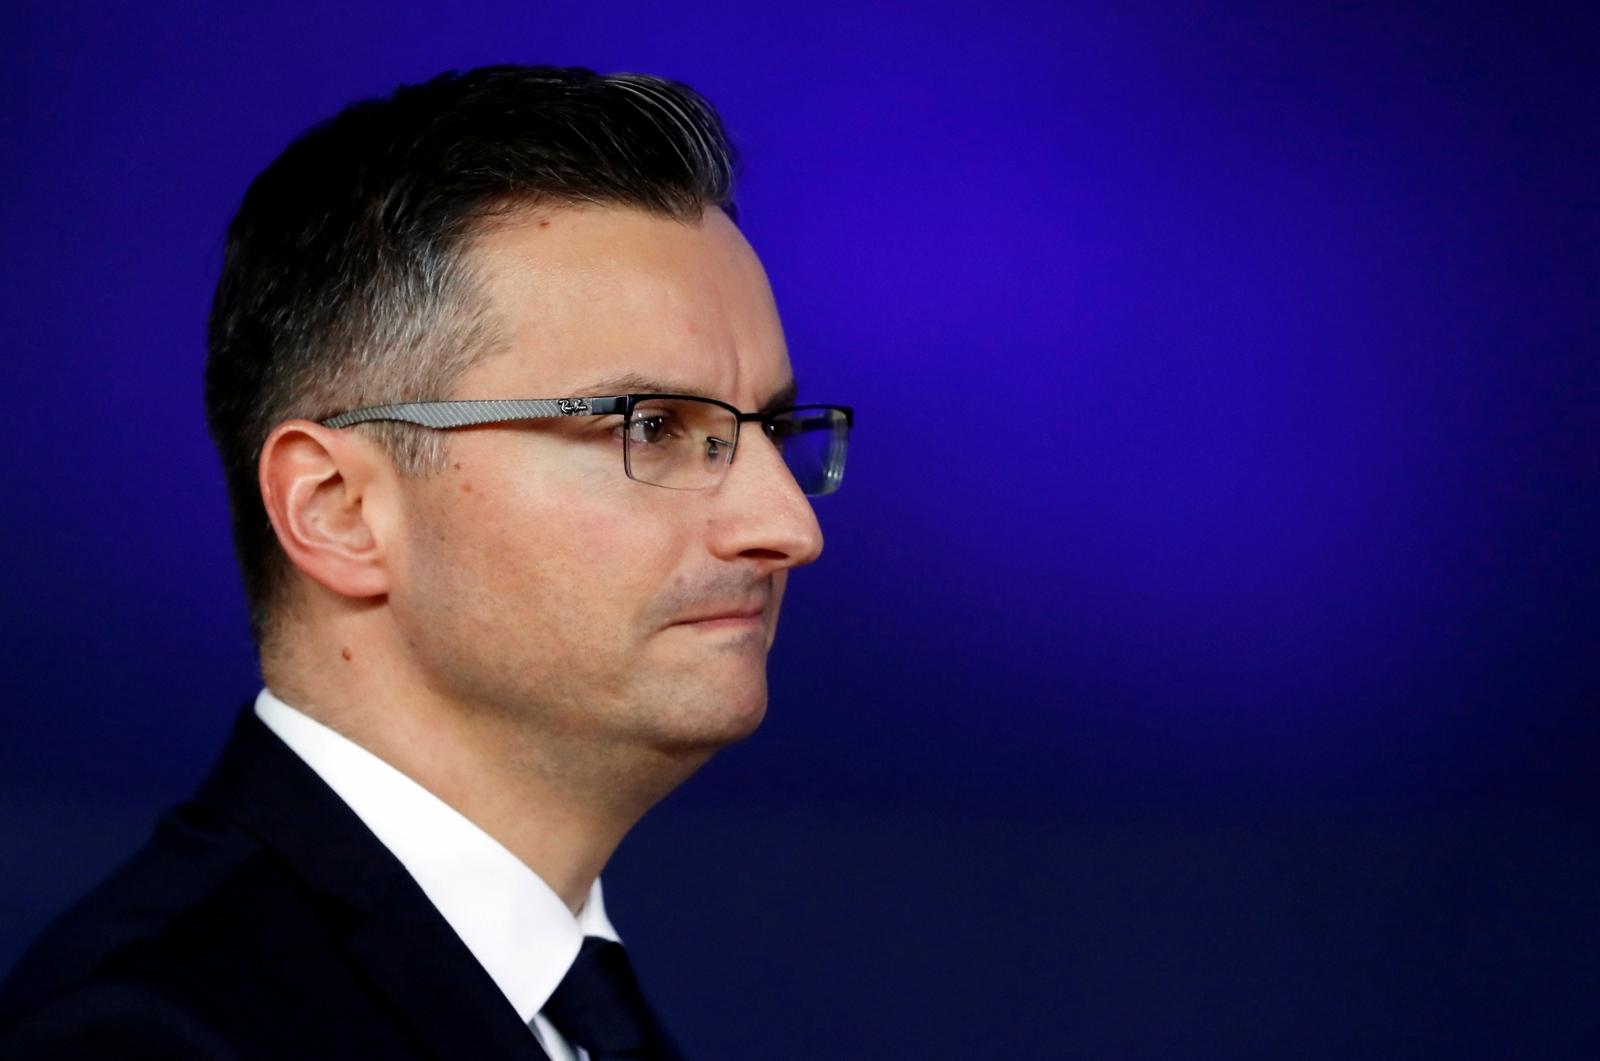 Slovenski parlament odbio podići ustavnu tužbu protiv premijera Šarca